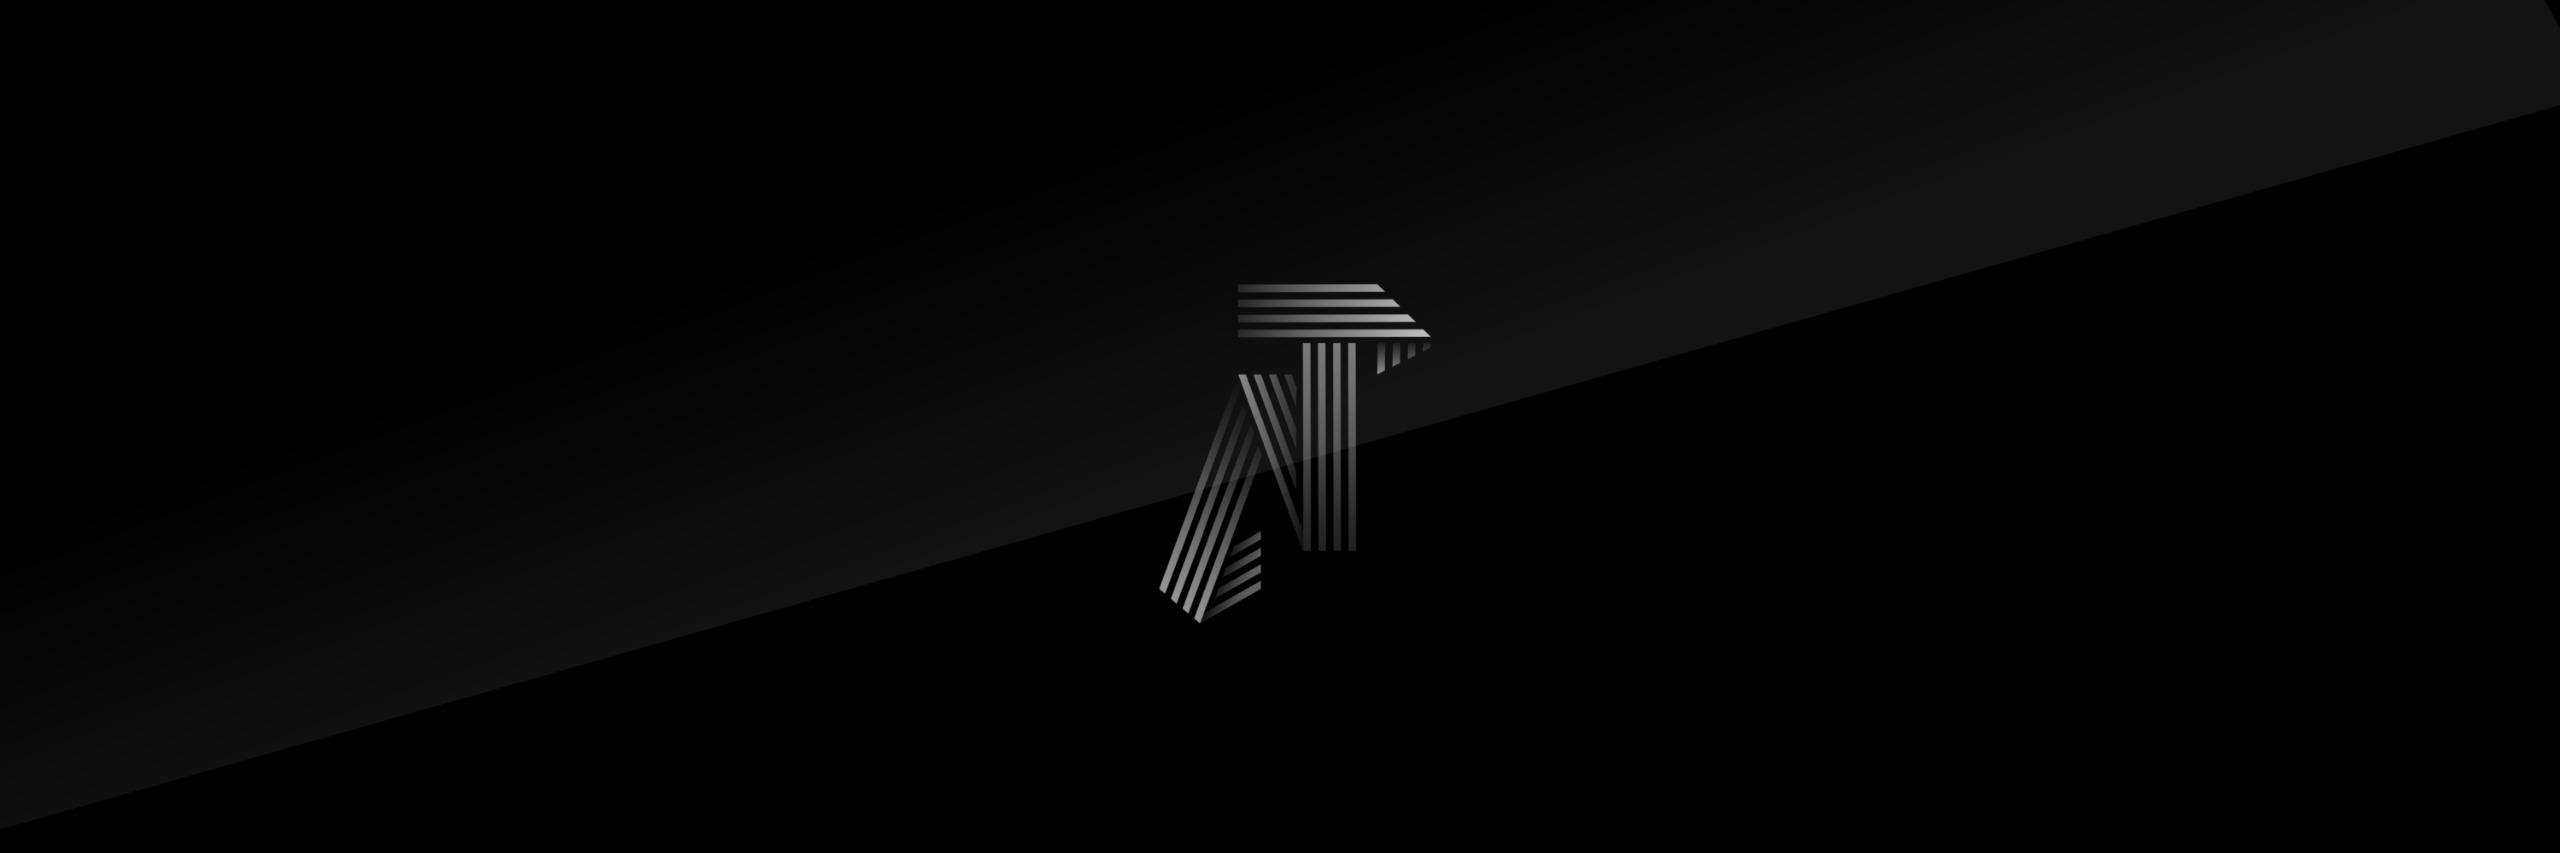 Andrei Tuţu (@andreitutu) Cover Image